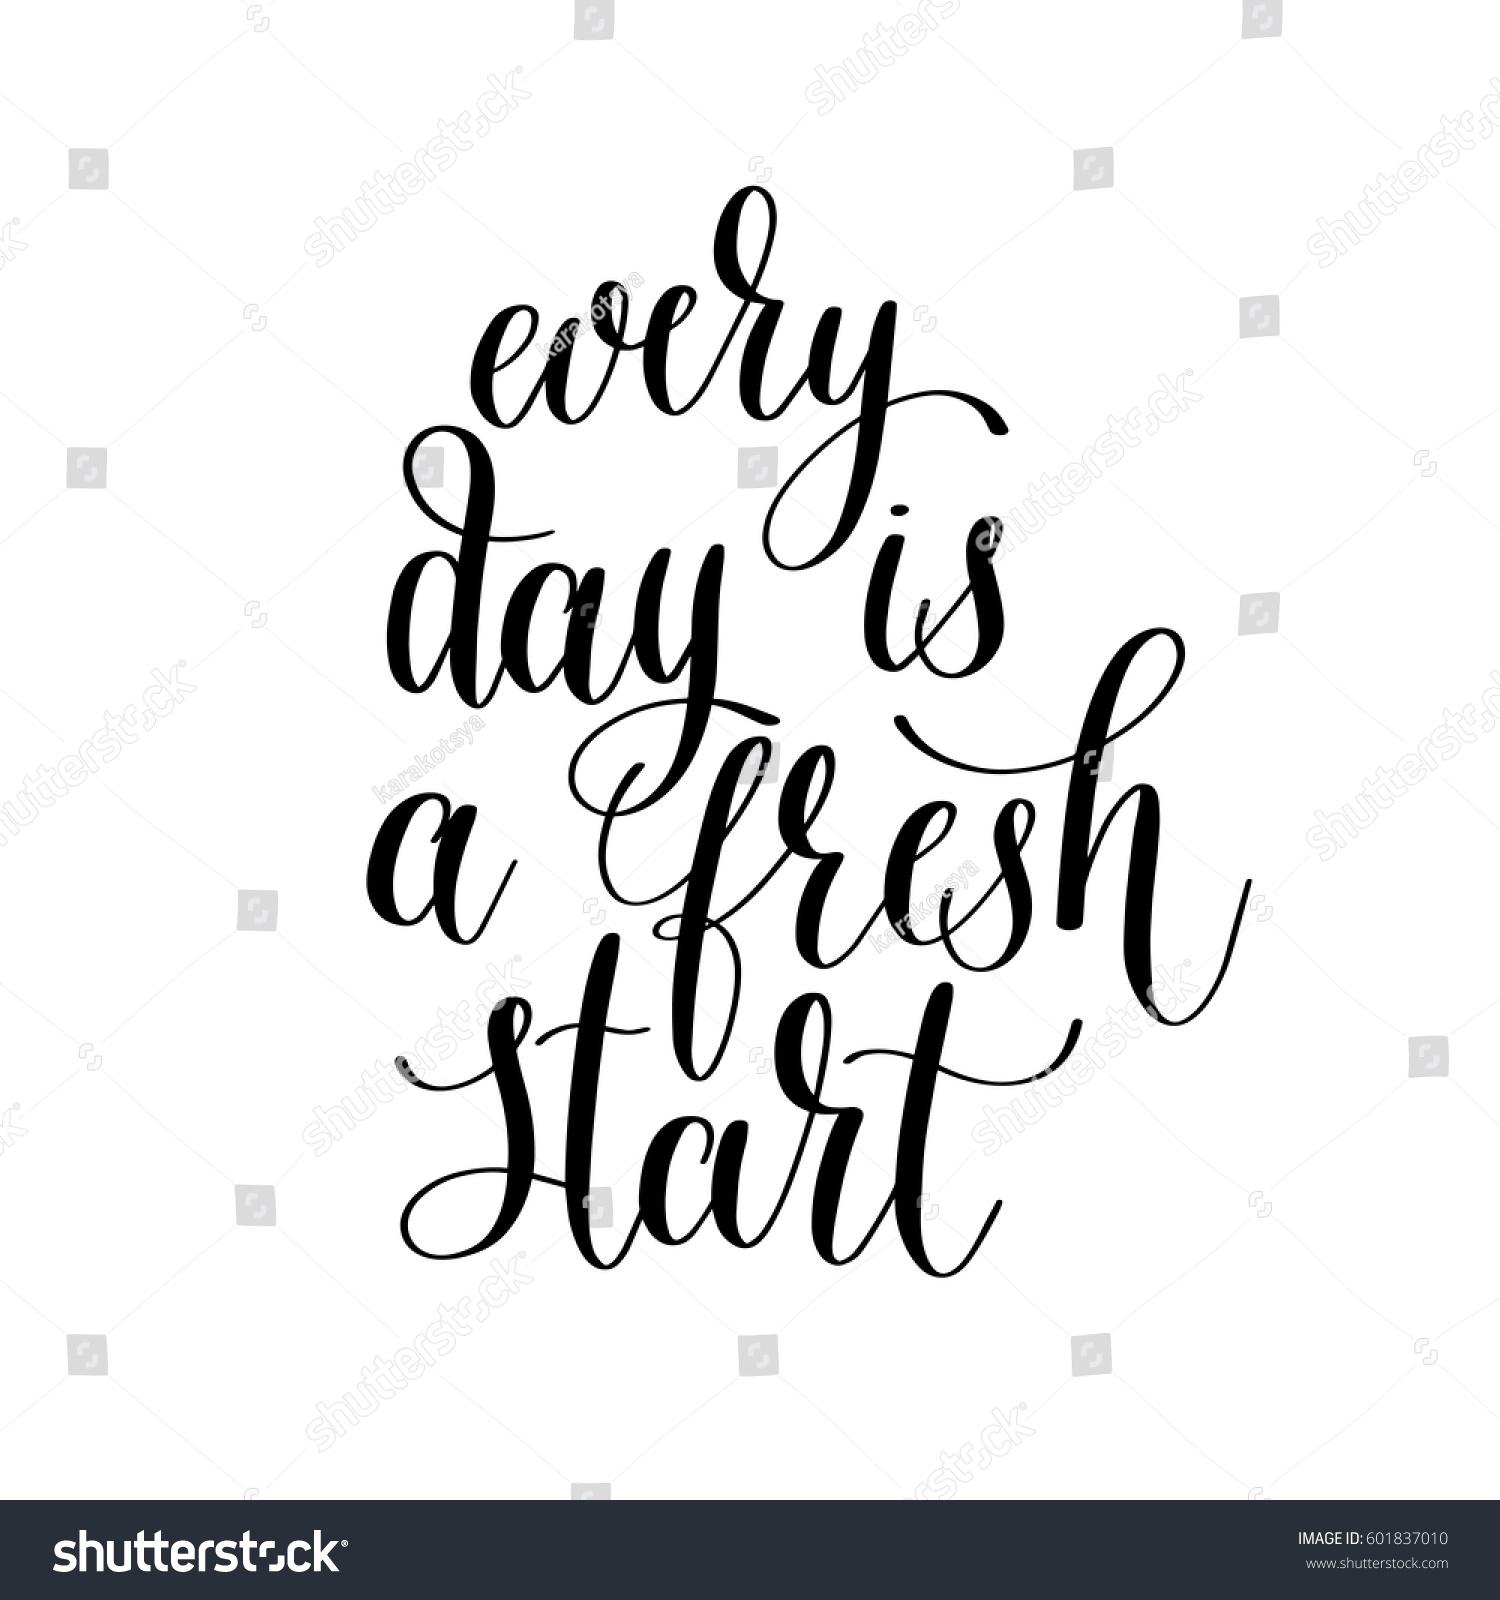 Fresh Start Quotes: Every Day Fresh Start Handwritten Lettering Stock Vector